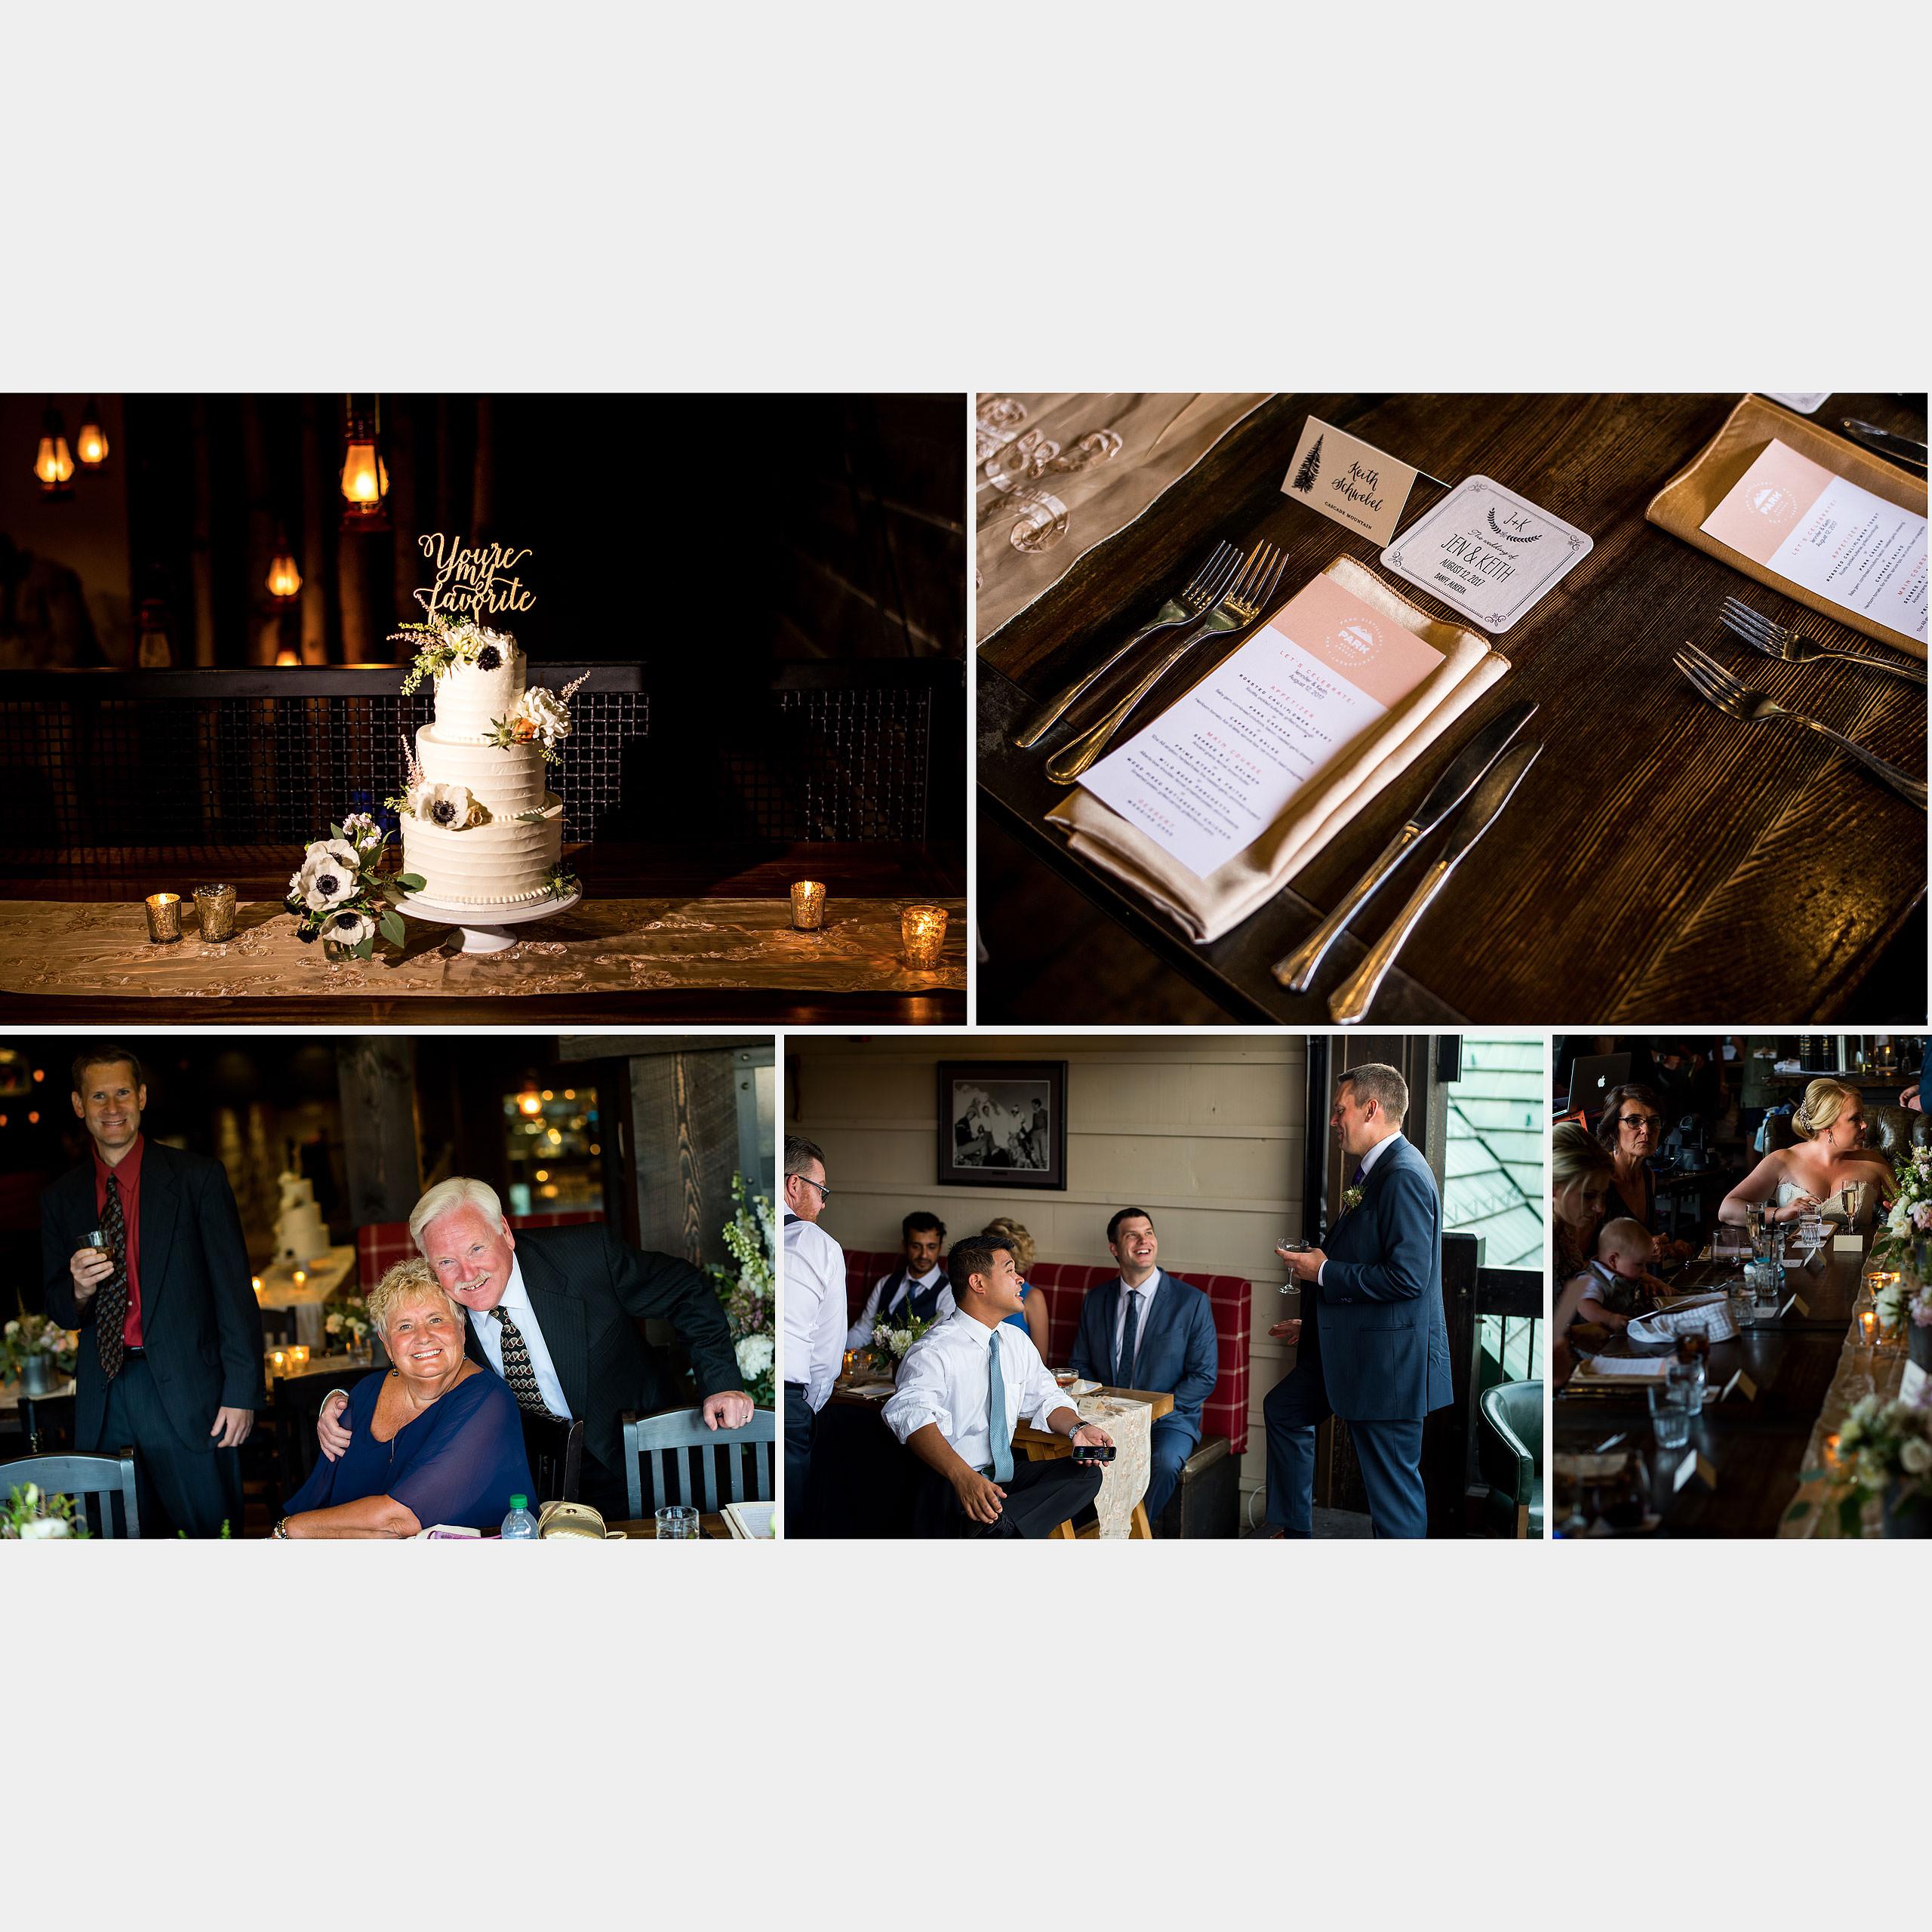 heirloom wedding album by Banff photographer sean leblanc